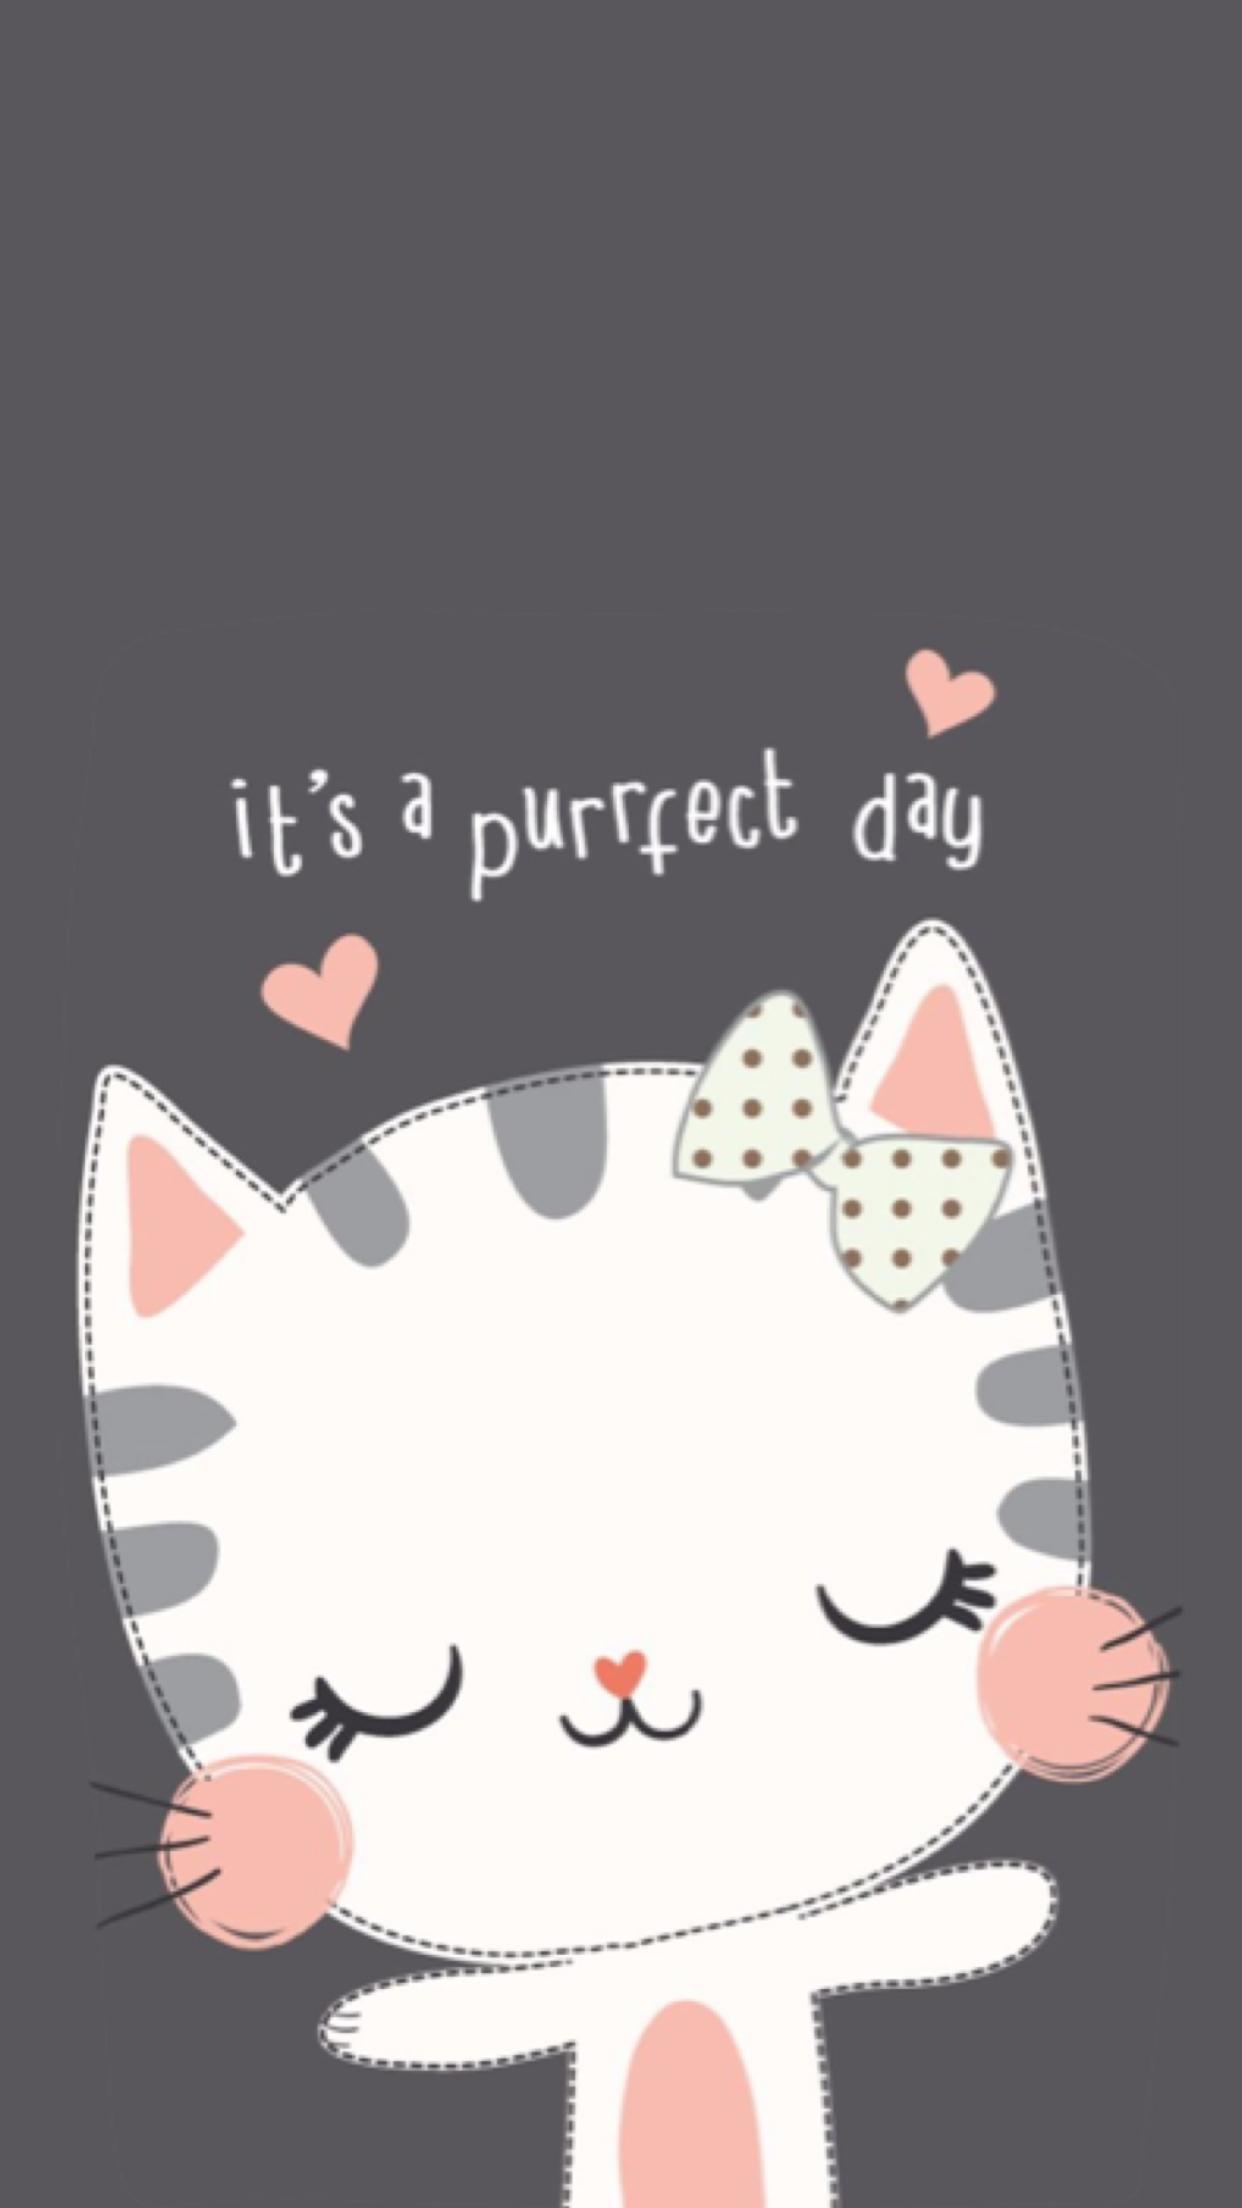 Pin de Mónica Martinez Gonzalez en love Fondos de gato